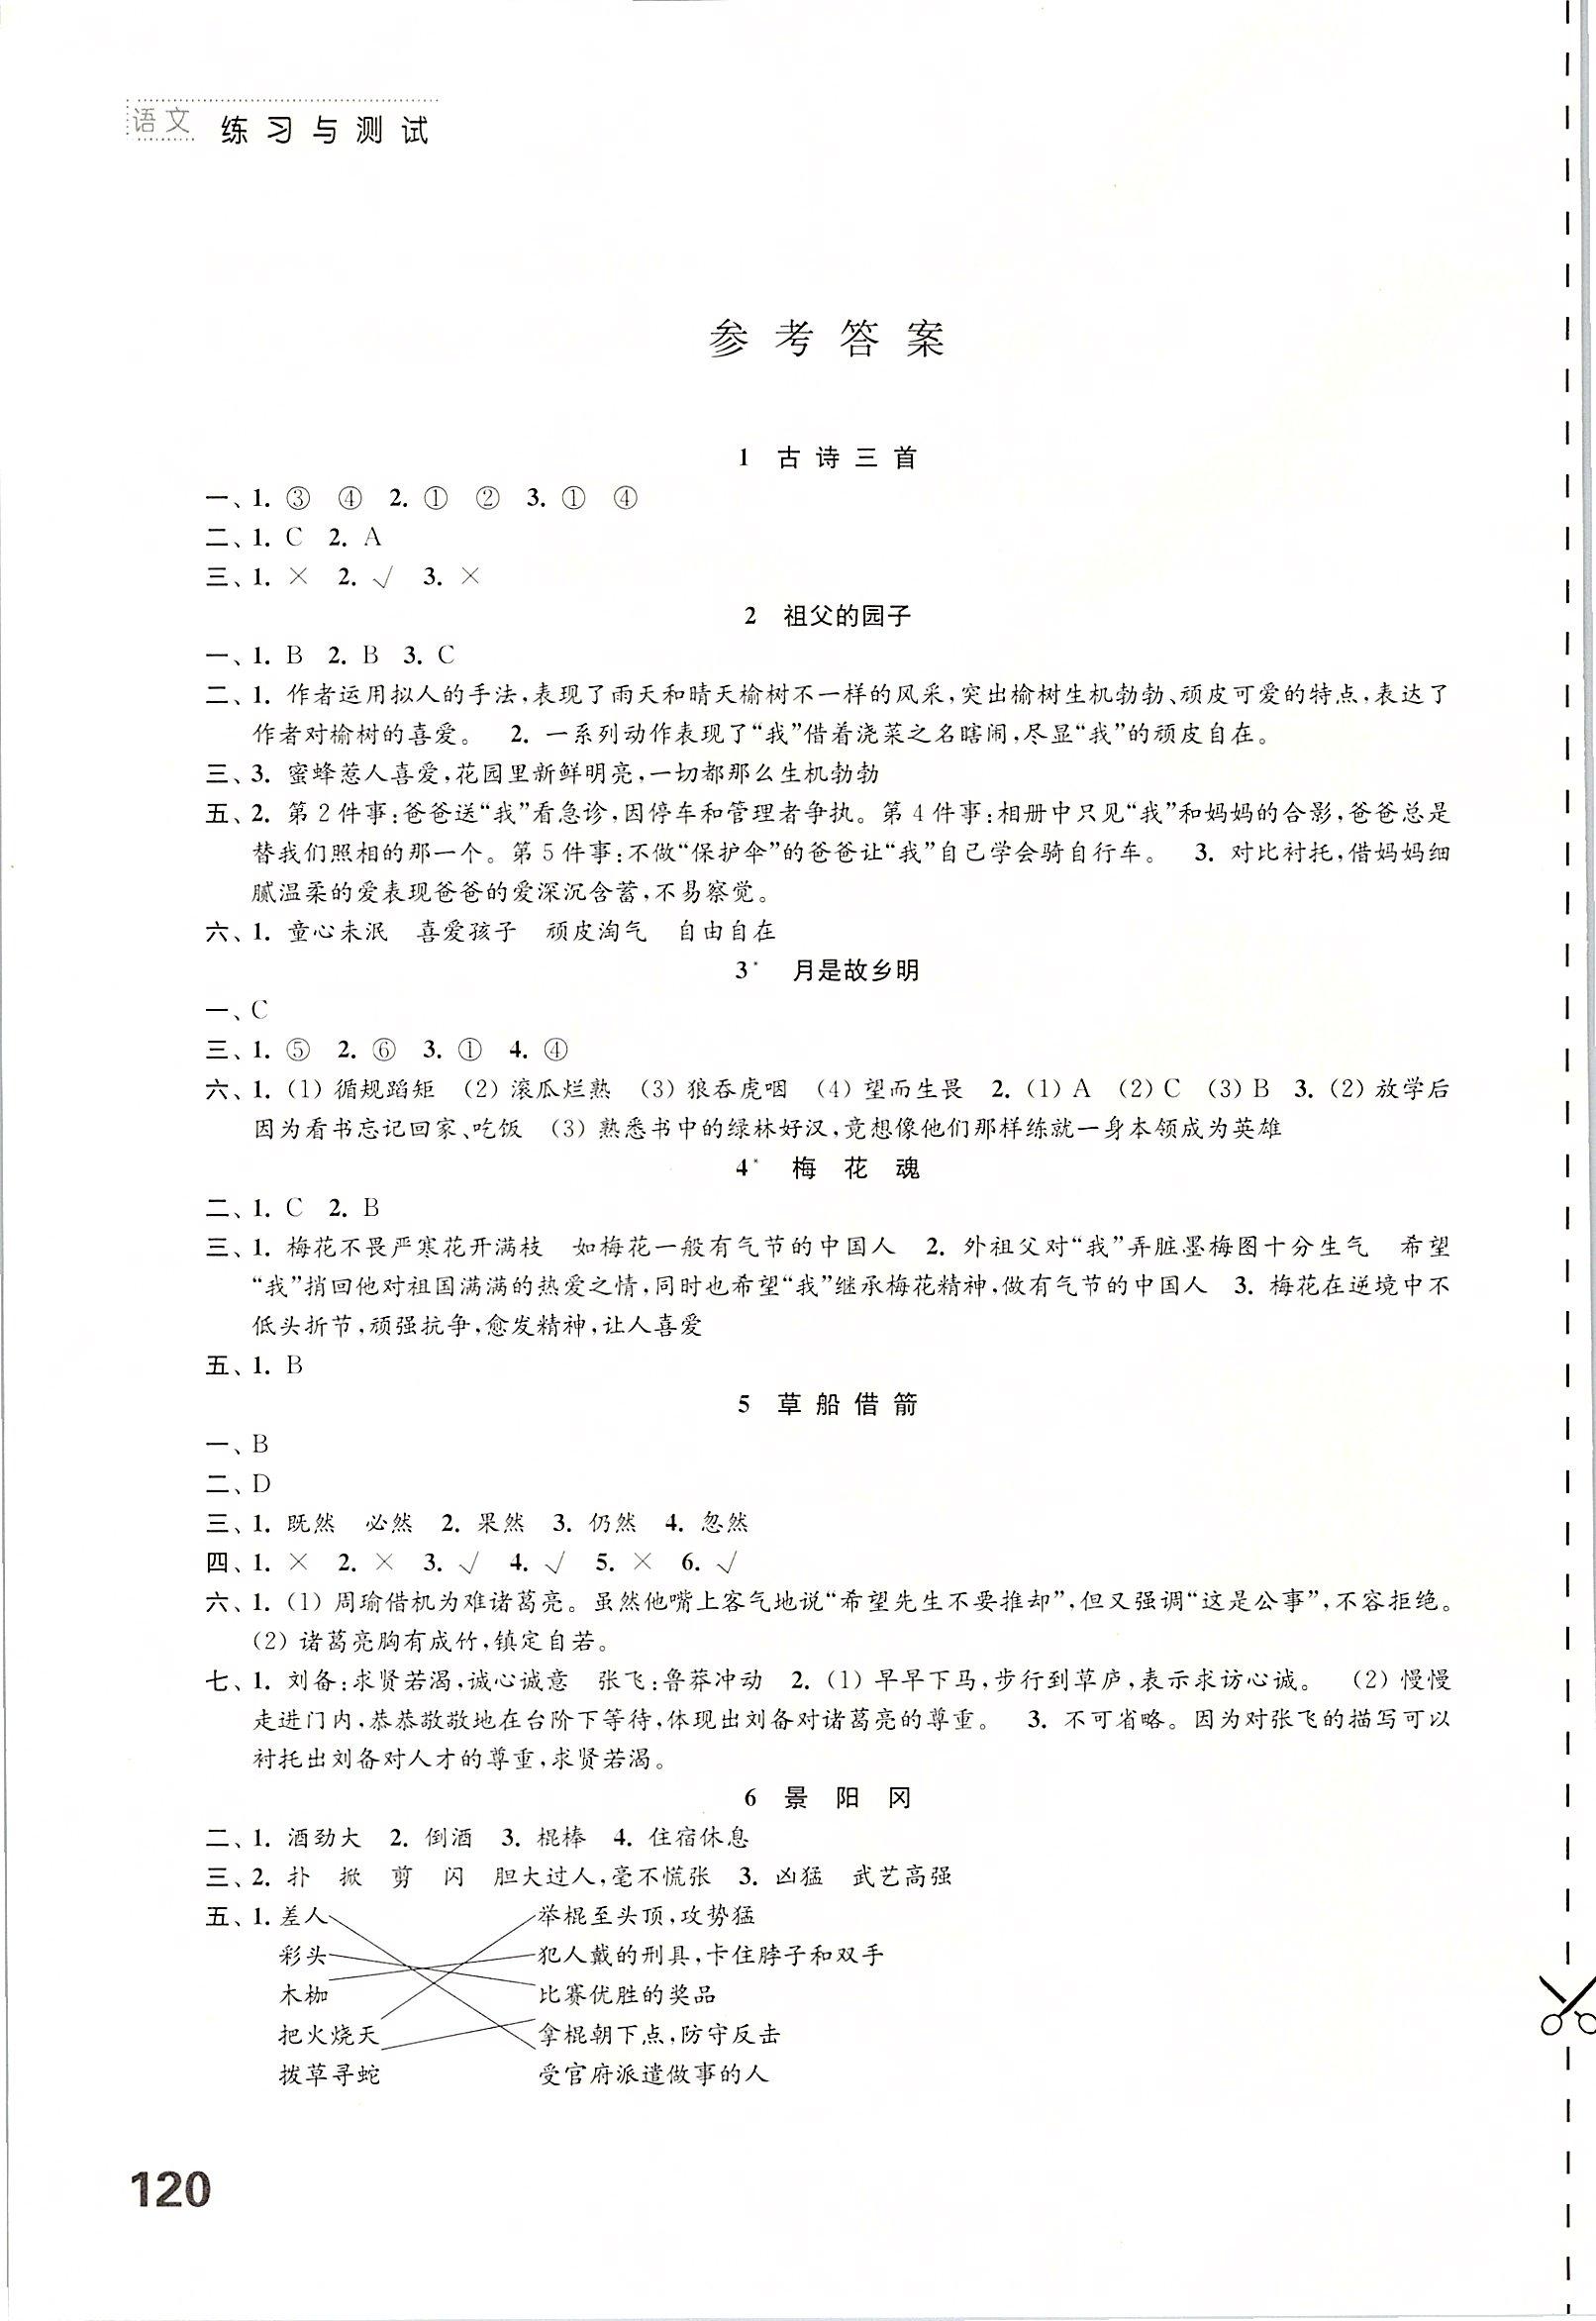 2020年练习与测试小学语文五年级下册人教版第1页